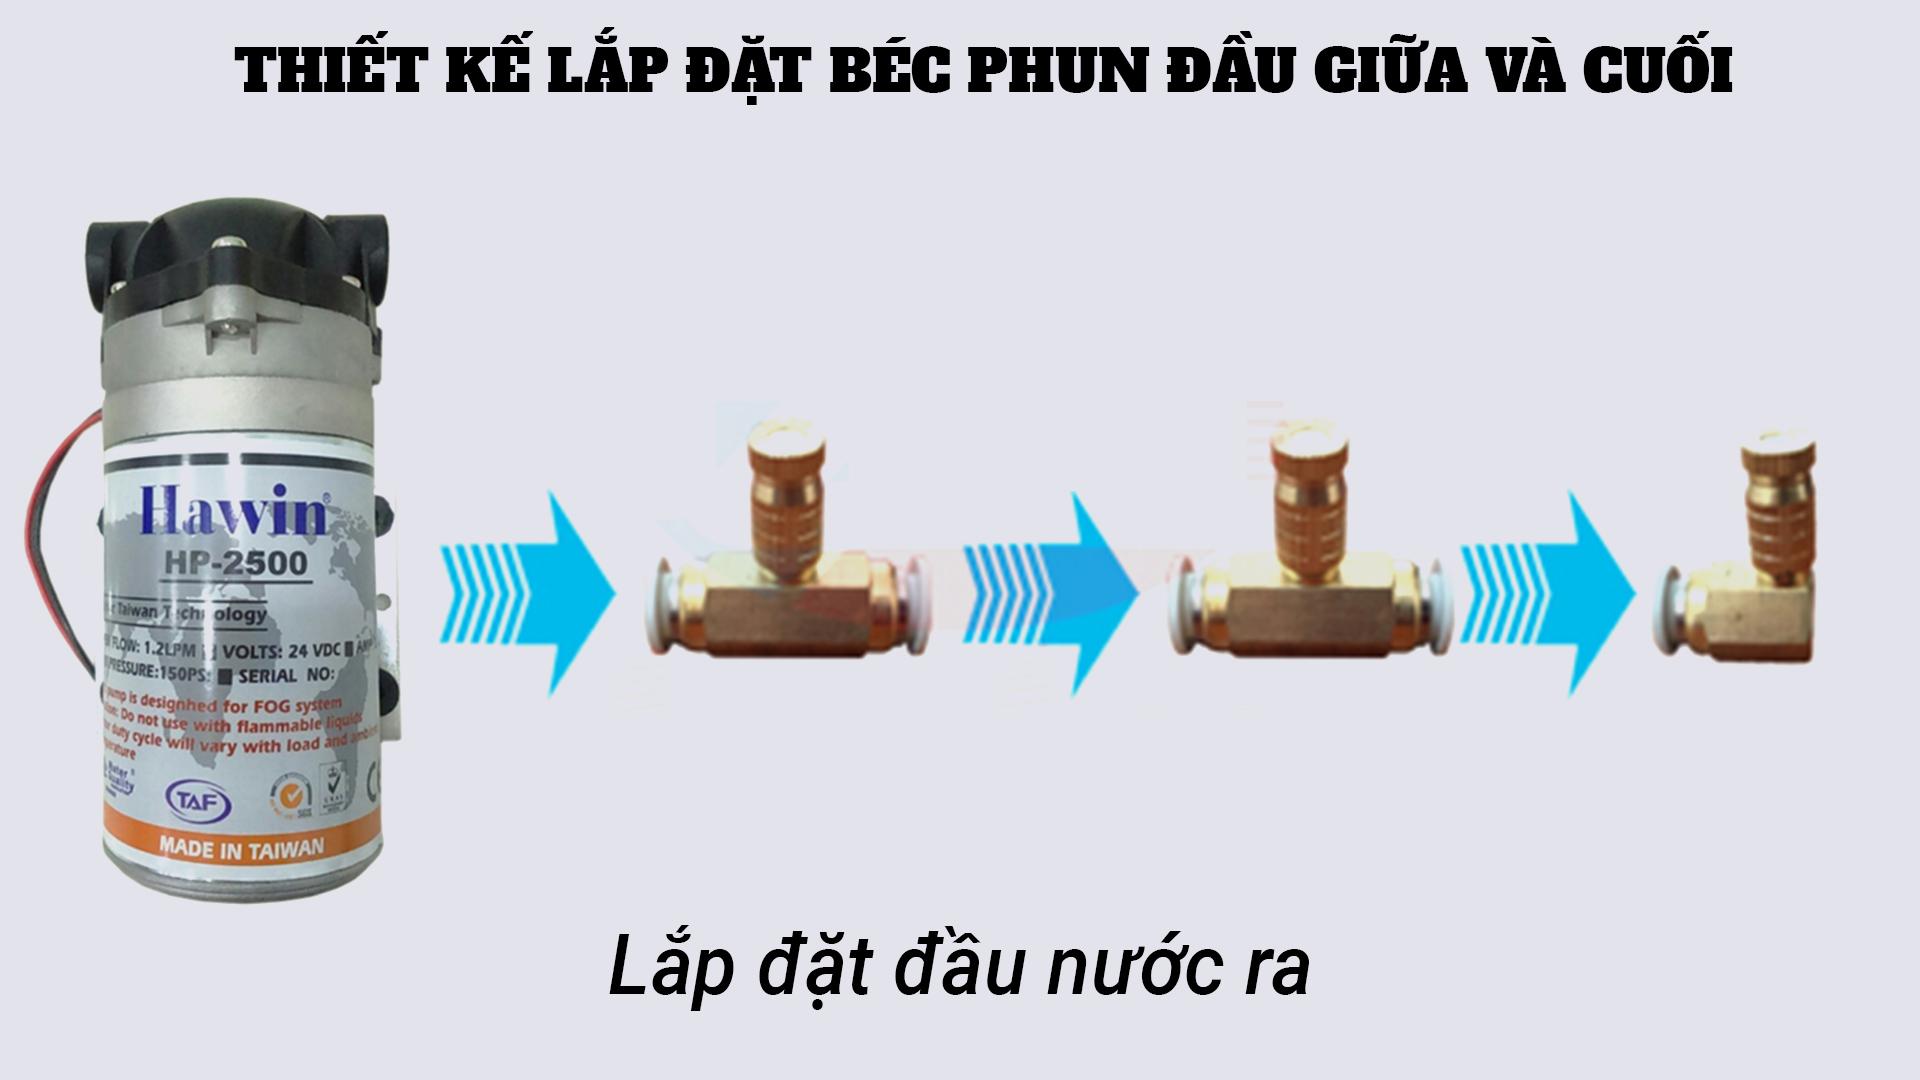 huong dan lap may phun suong mini 3